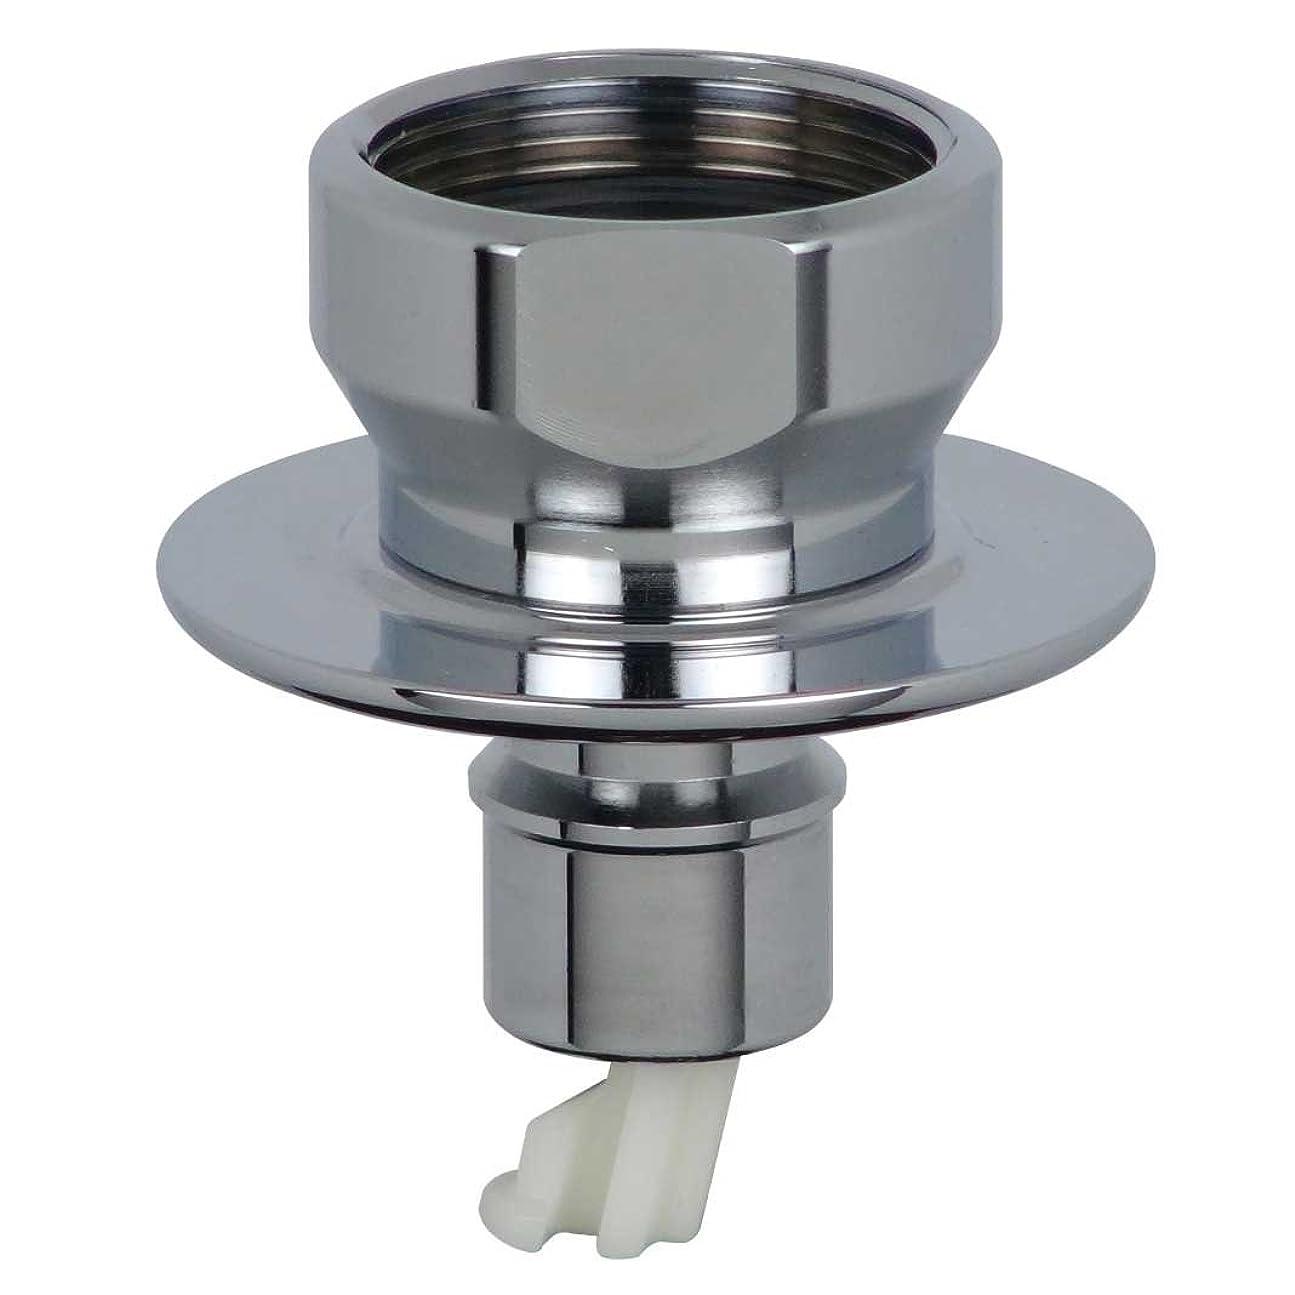 極地耐える削るカクダイ 洗濯機用 取替簡単ニップル 呼13 自在水栓 対応 給水ホースをワンタッチ接続 水漏れ防止ストッパー付き 金属製 772-004